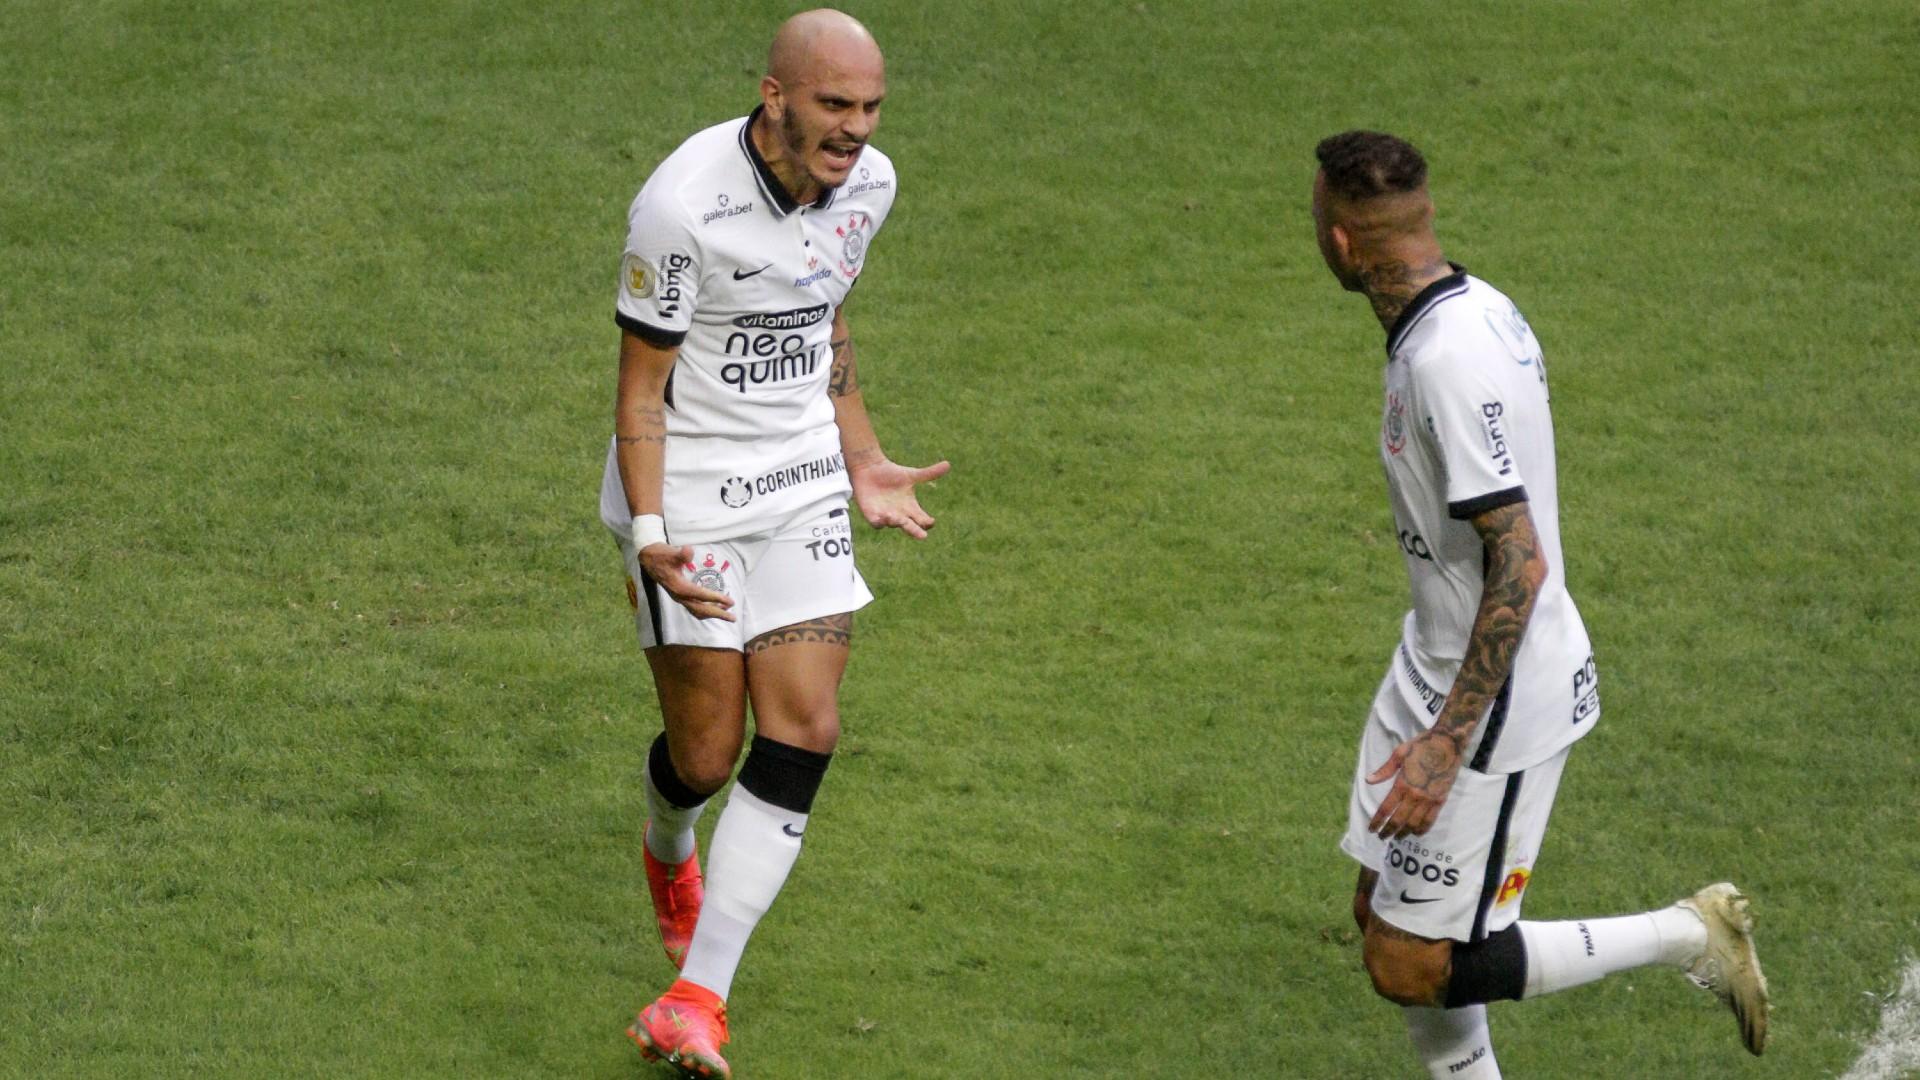 Gol da vitória corintiana foi marcado por Fábio Santos